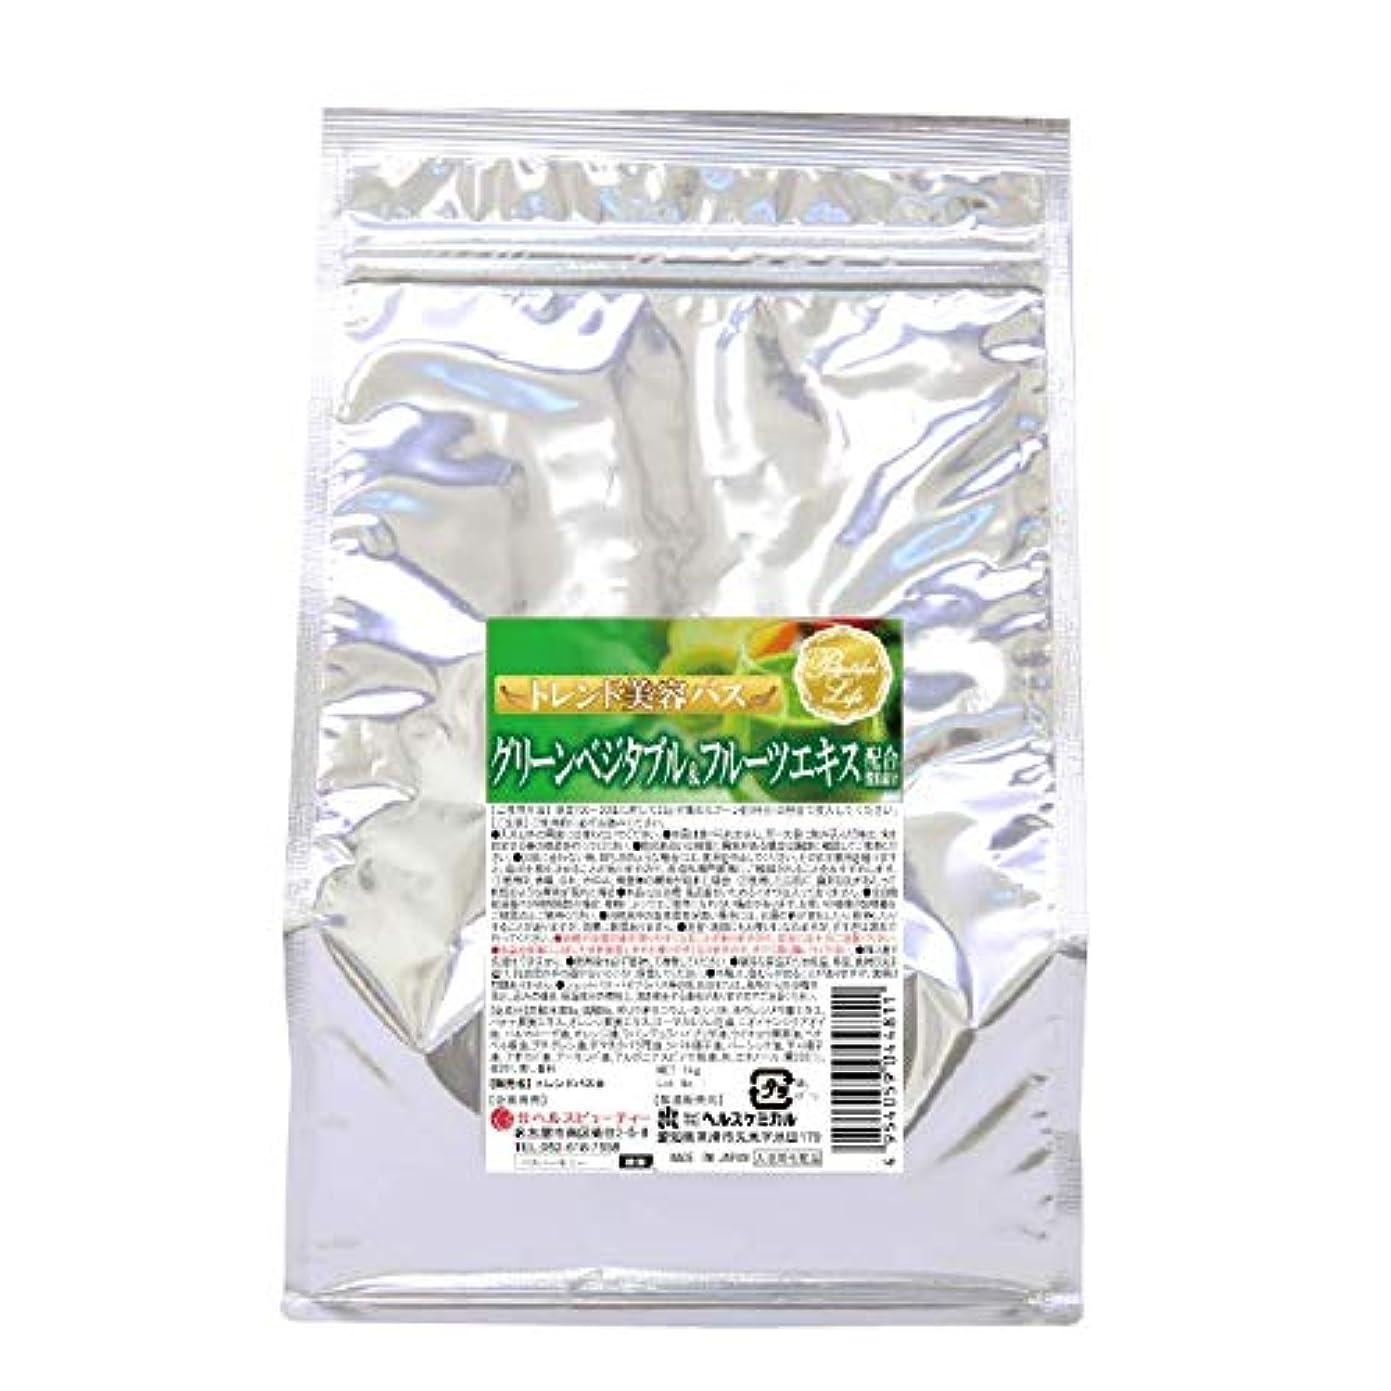 入浴剤 湯匠仕込 グリーンベジタブル&フルーツエキス配合 1kg 50回分 お徳用